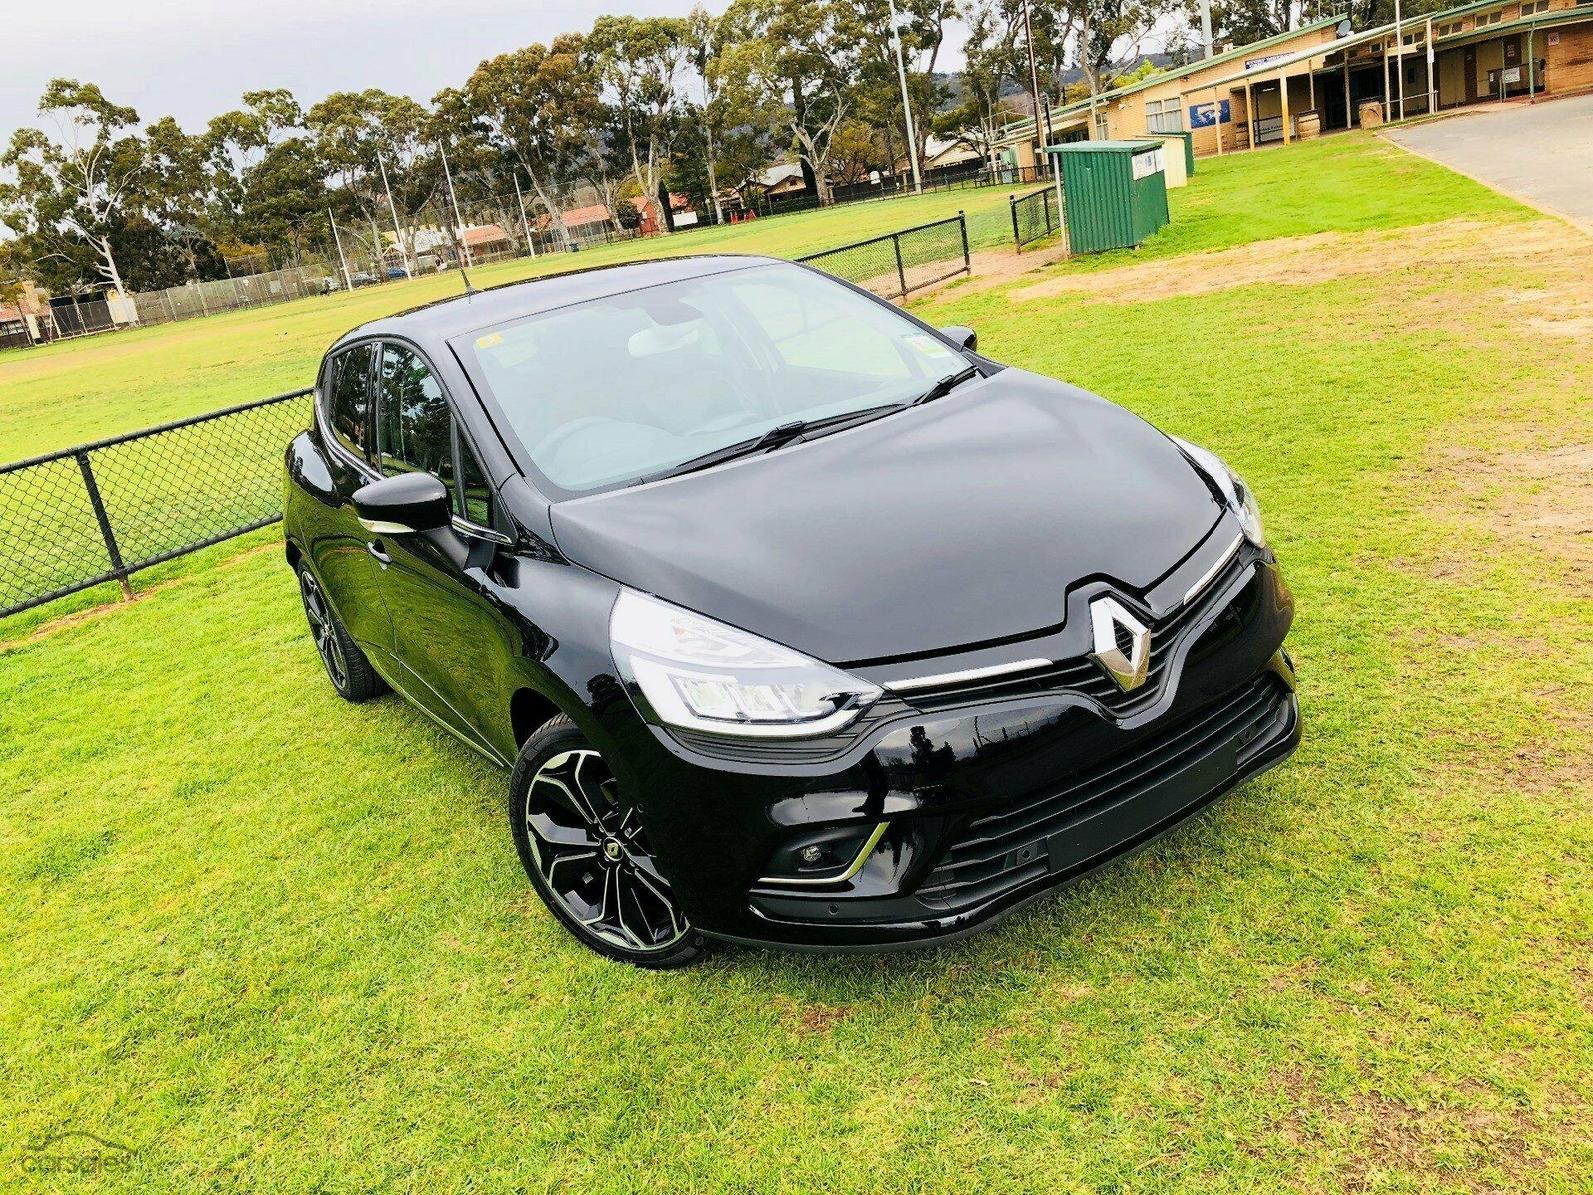 2018 Renault Clio Intens Auto-OAG-AD-17193699 - carsales com au